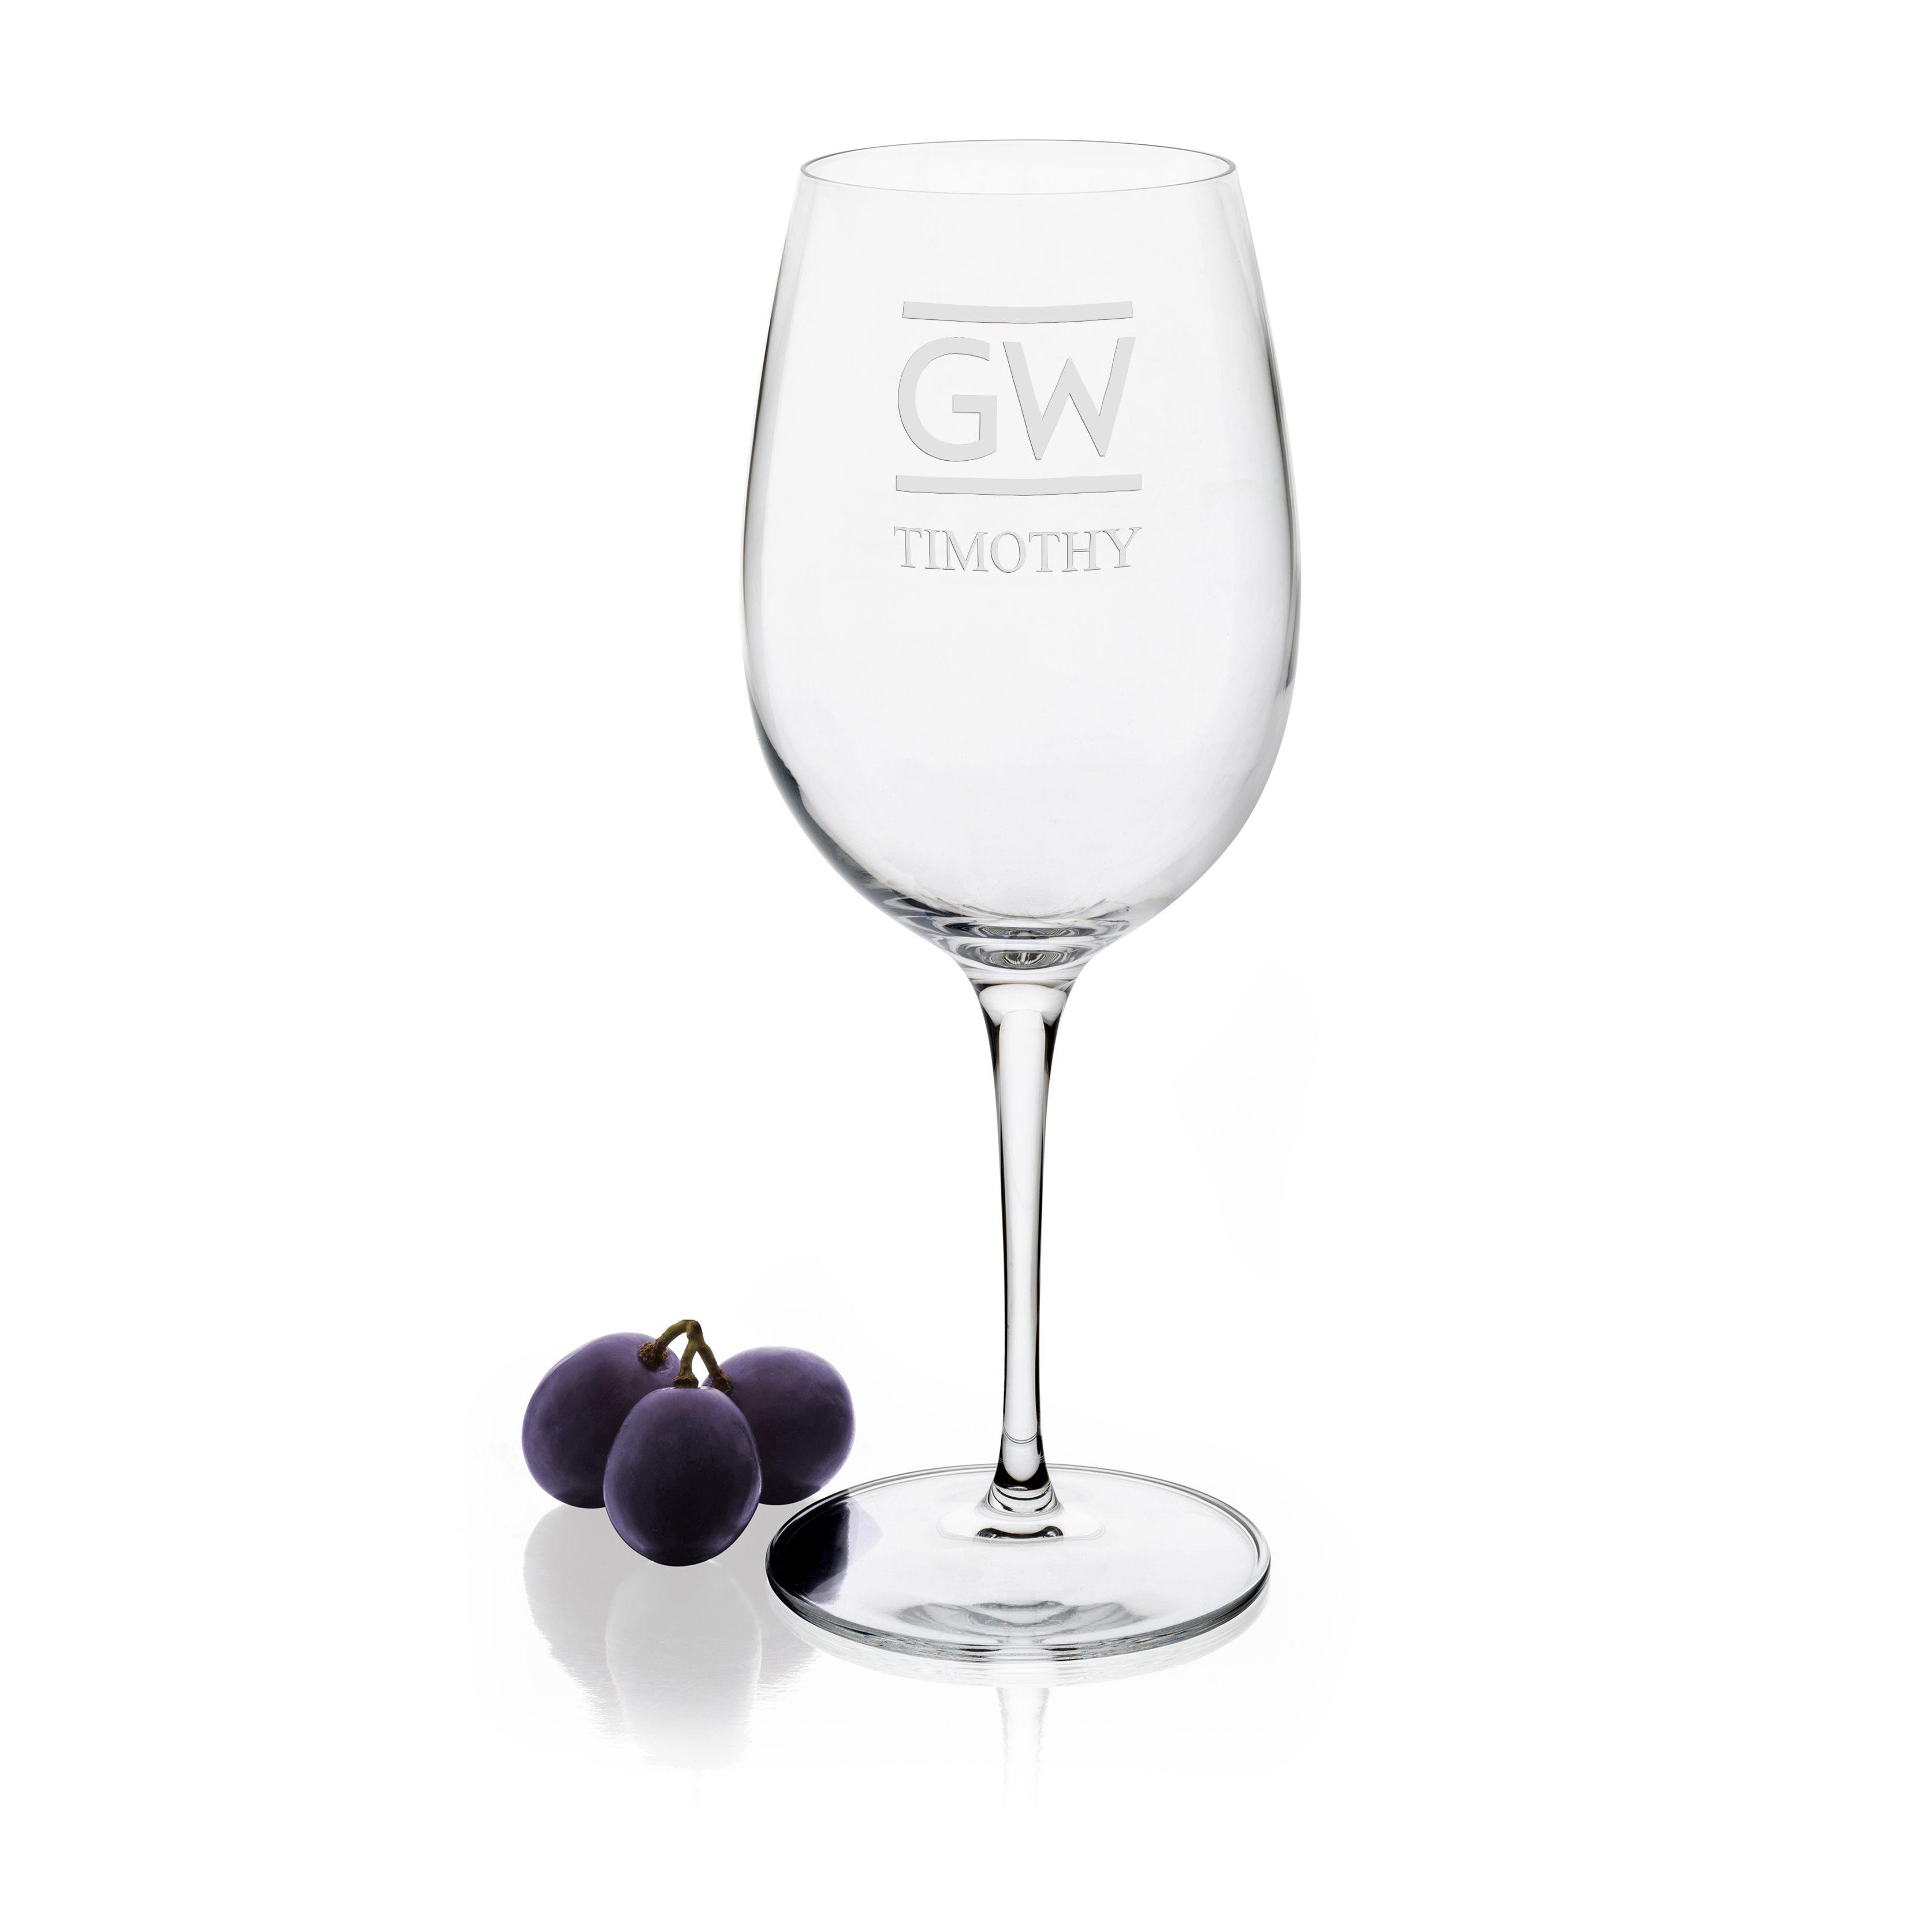 George Washington University Red Wine Glasses - Set of 4